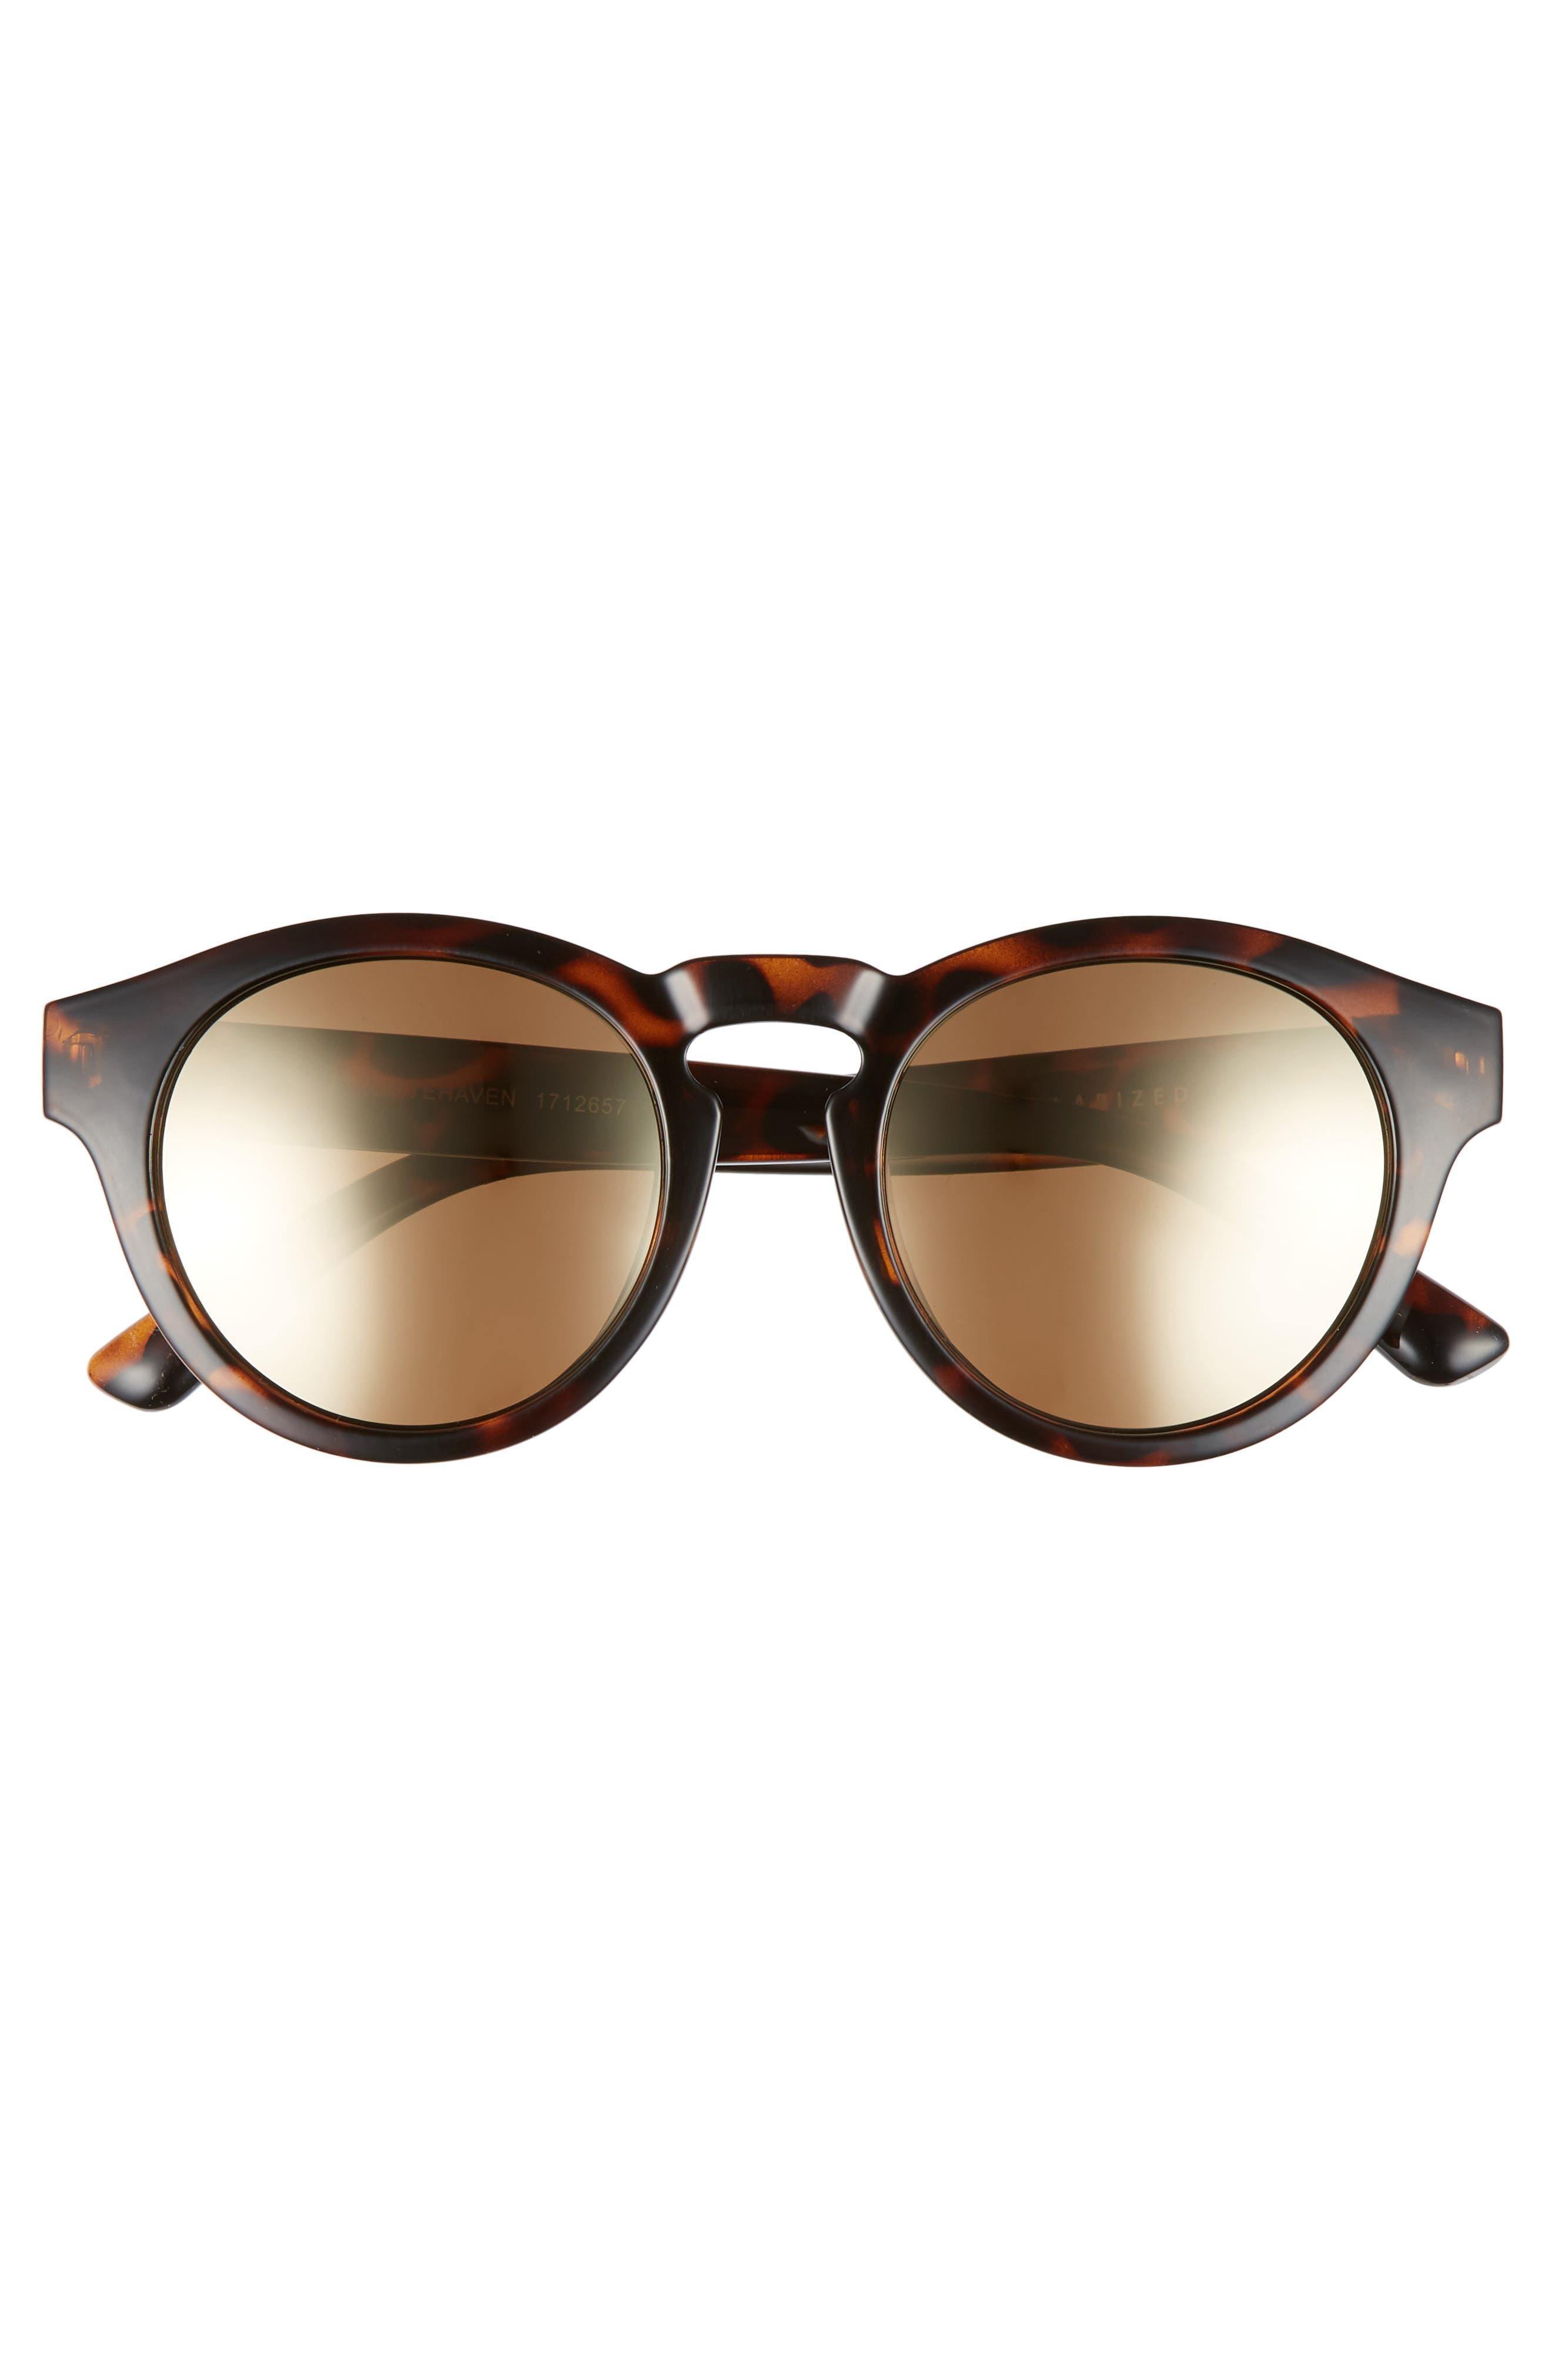 Whitehaven 49mm Round Lens Polarized Sunglasses,                             Alternate thumbnail 3, color,                             Dark Tort